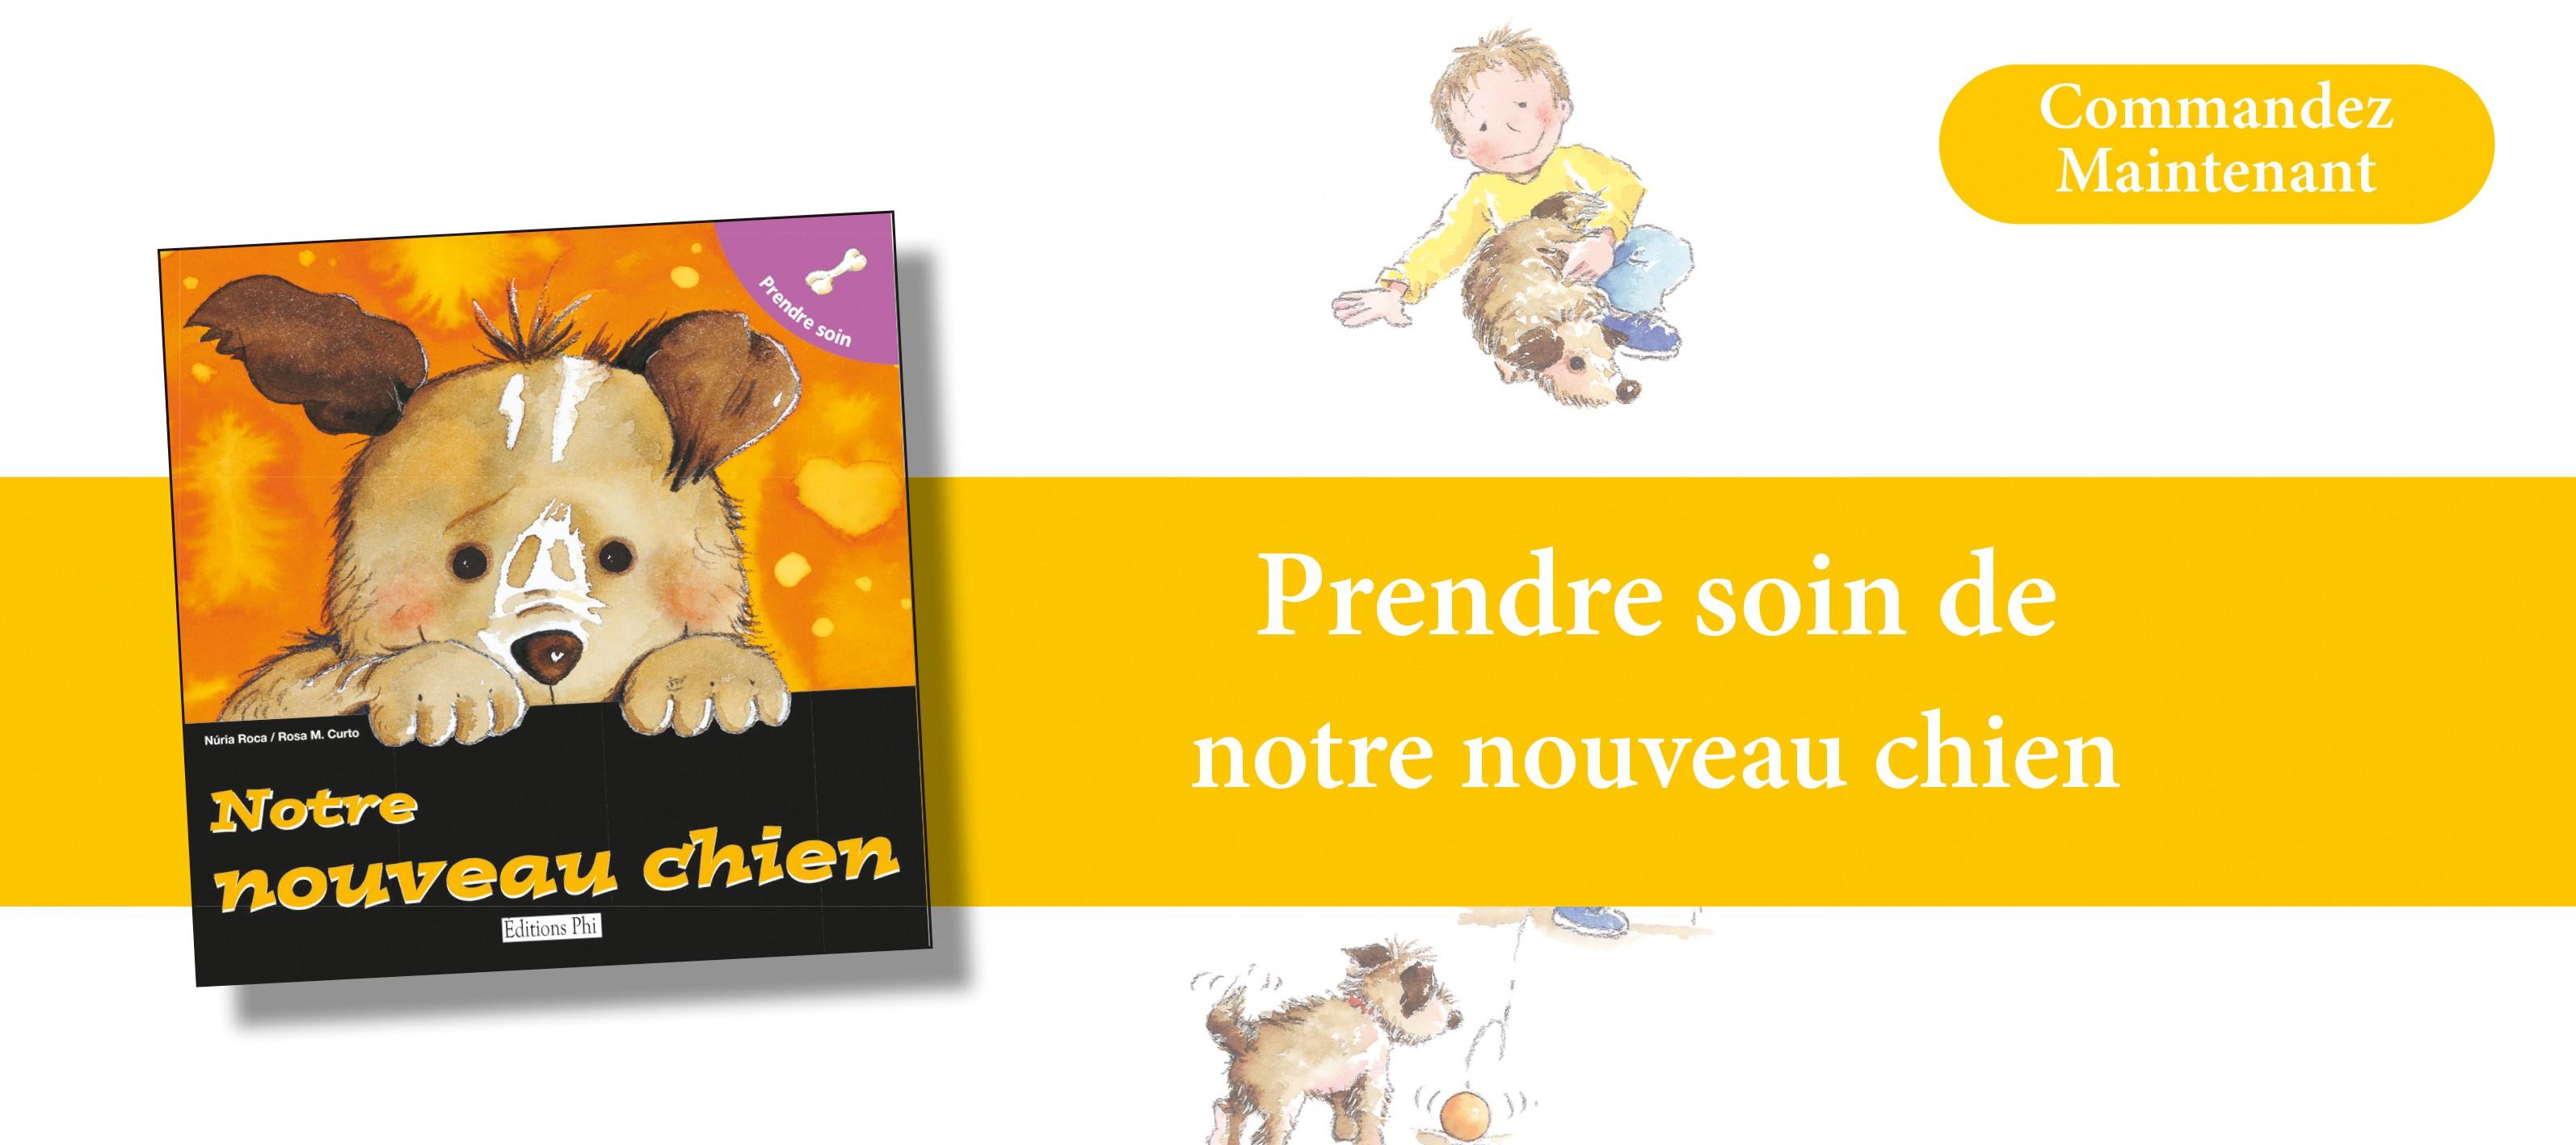 http://www.editionsphi.lu/fr/home/499-prendre-soin-de-notre-nouveau-chien.html